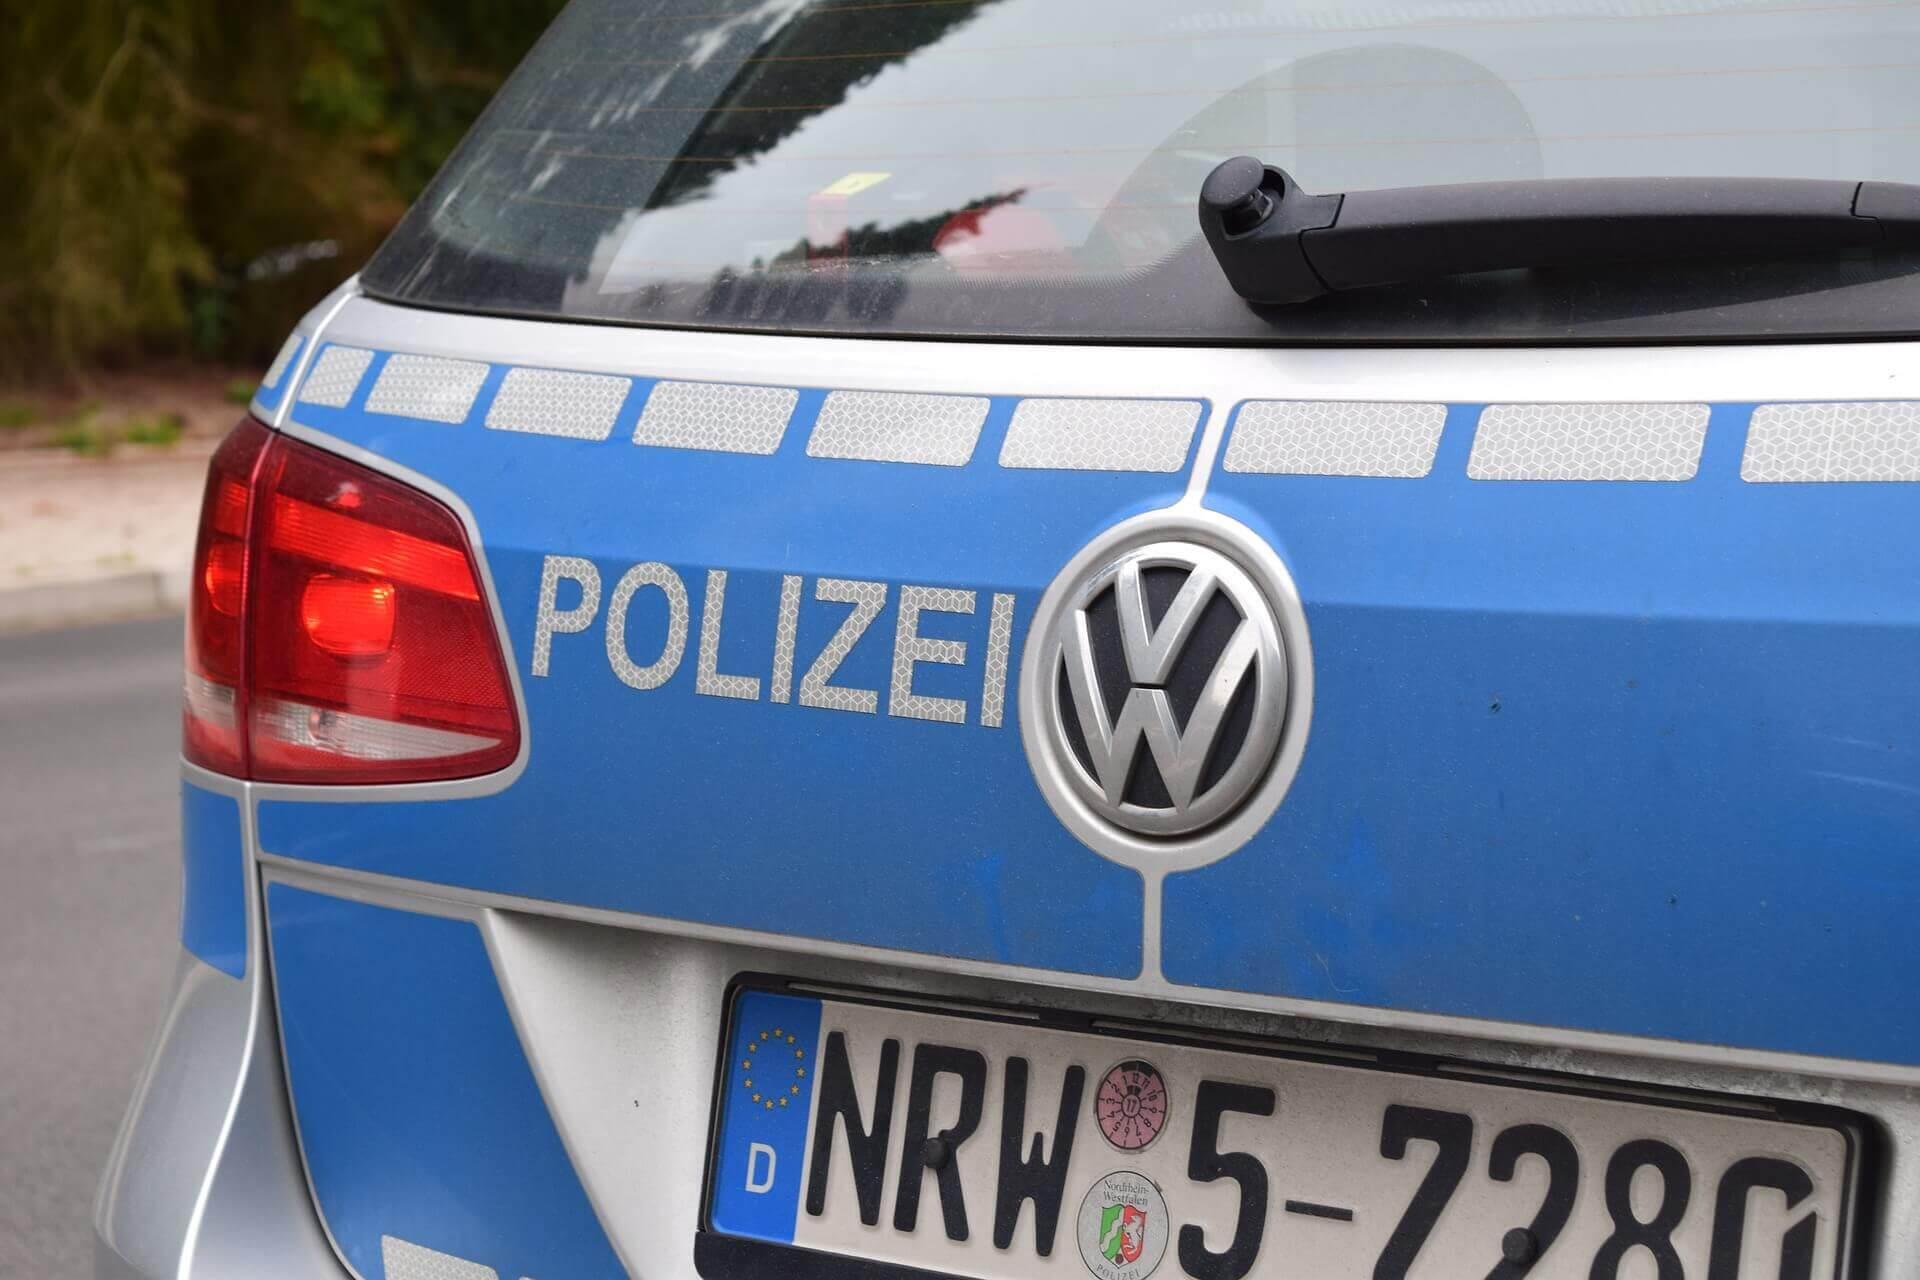 Polizei NRW, Bild: Björn Max Wagener